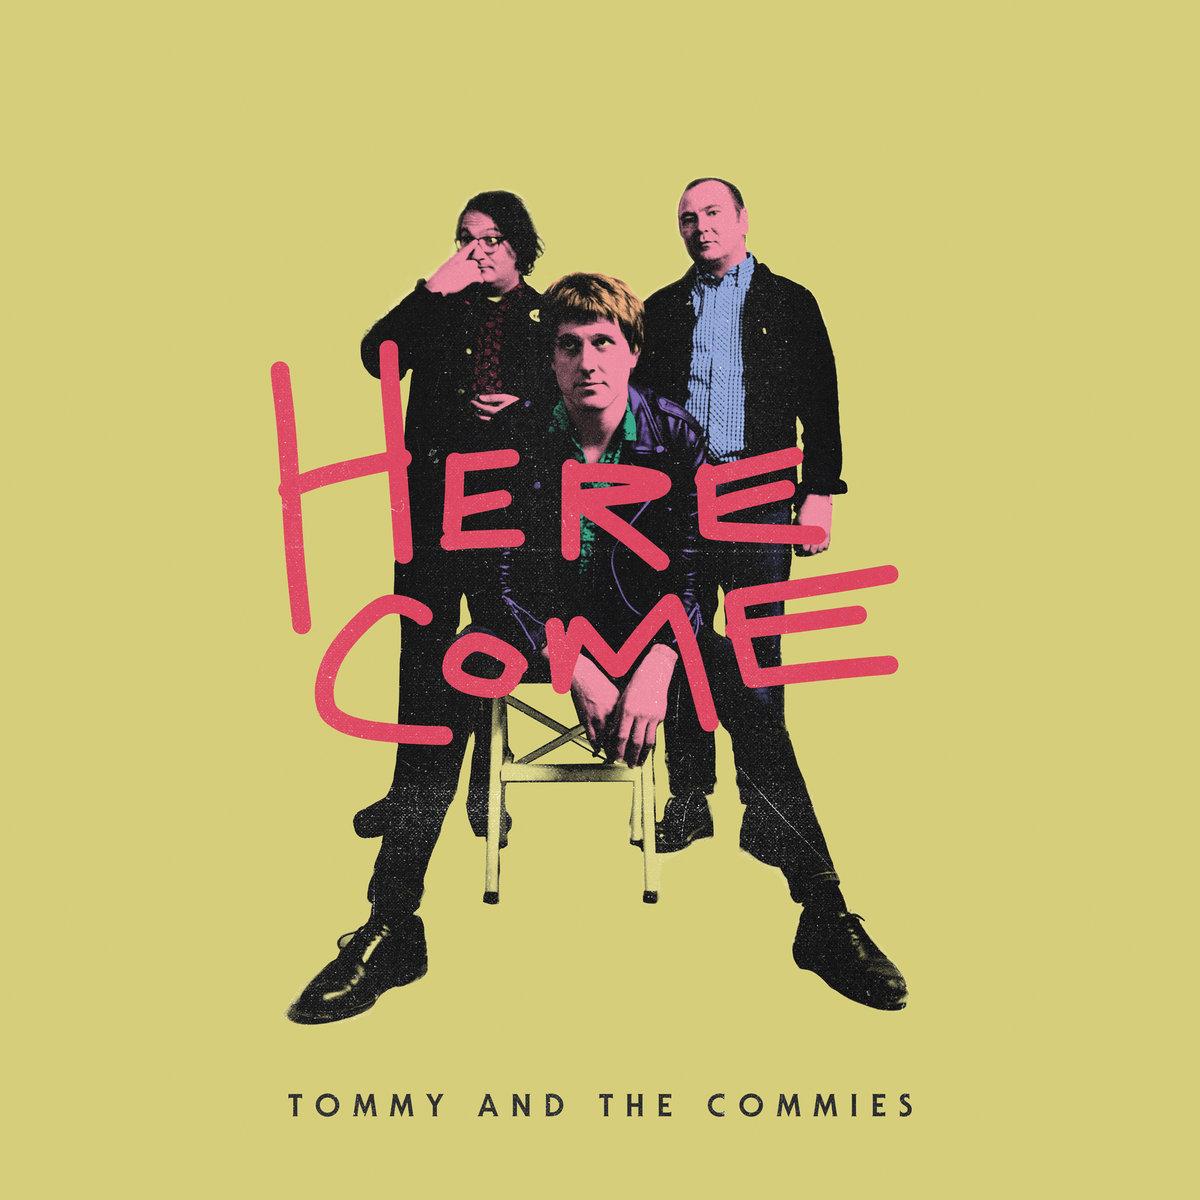 Download album tommy emmanuel – heart songs [mp3] openload torrent.